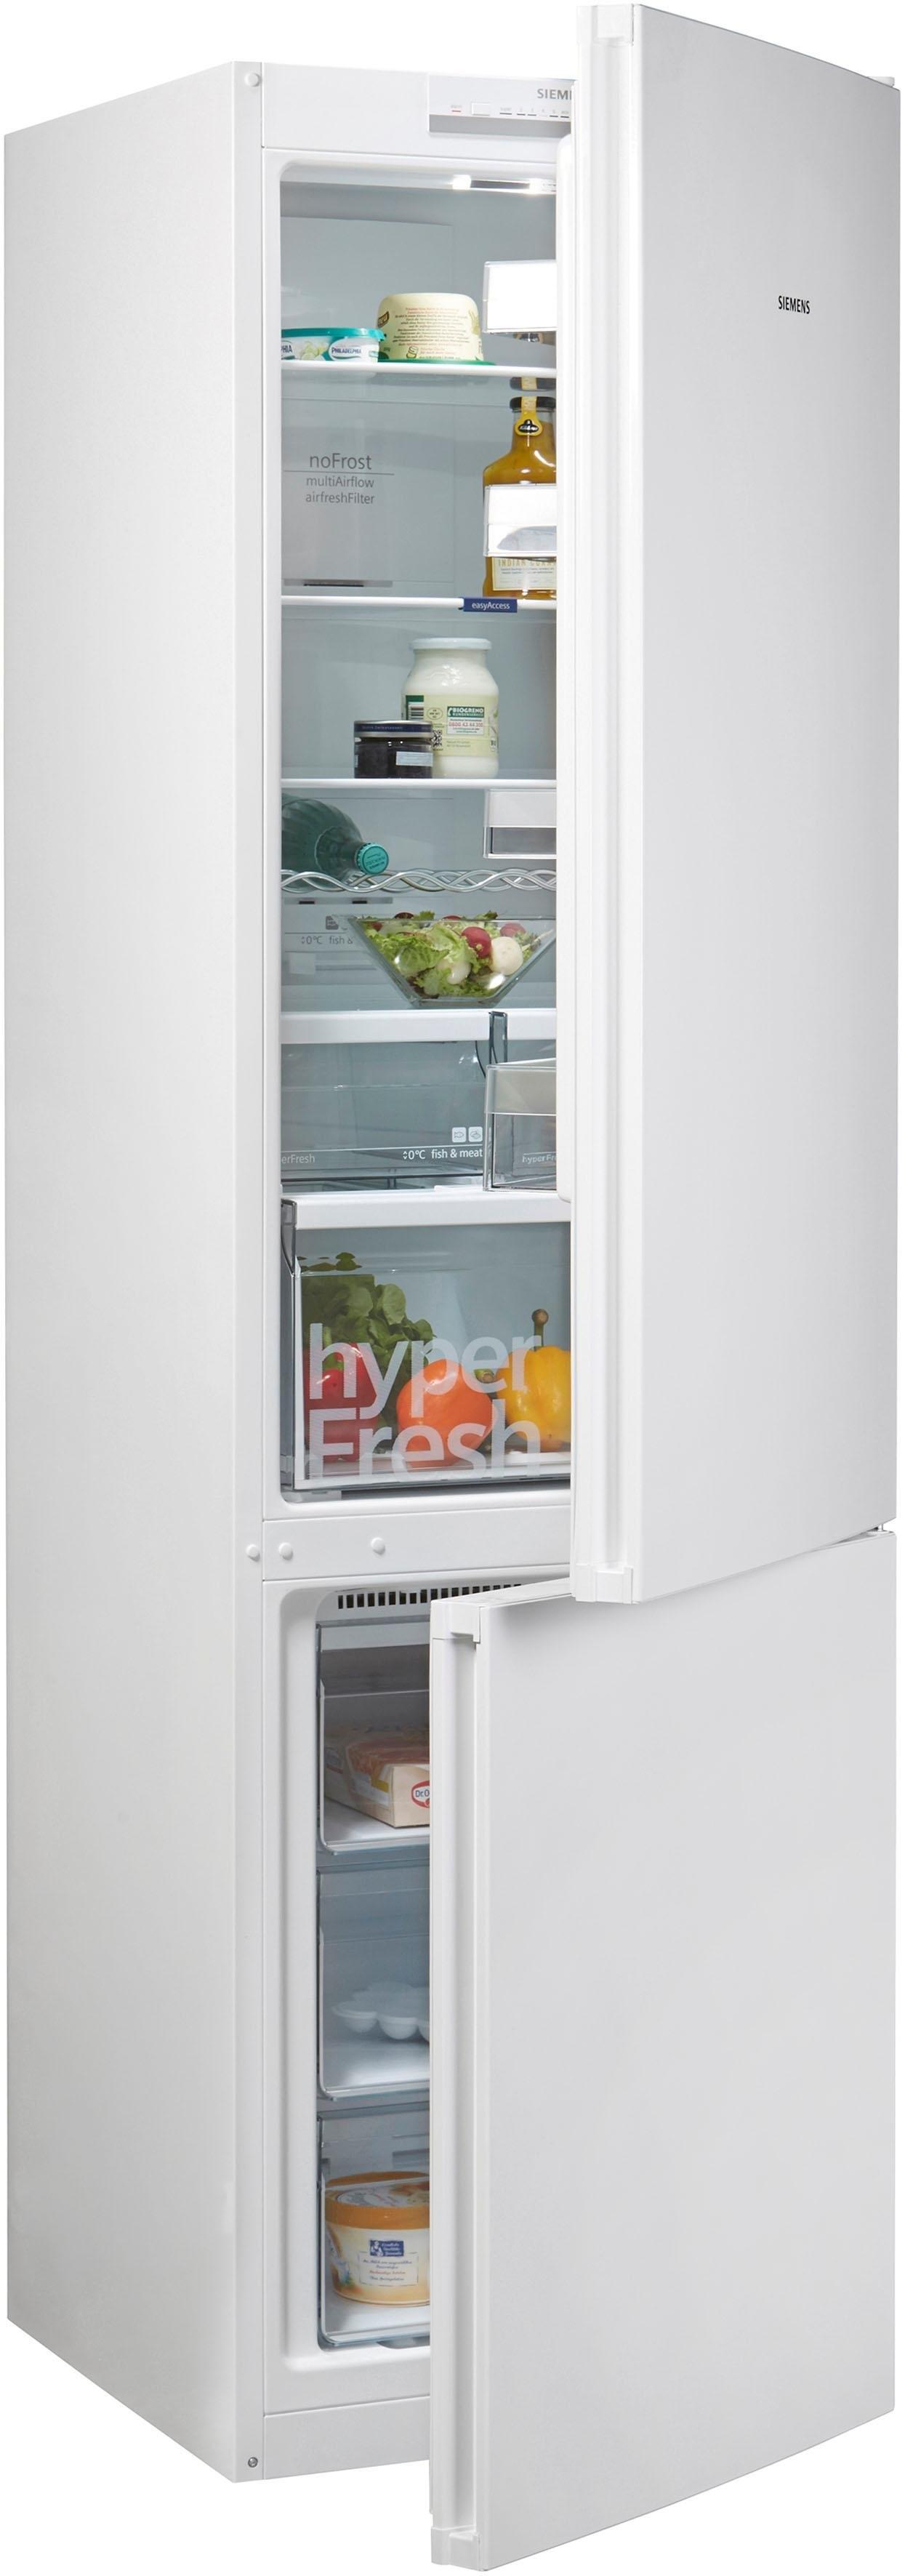 Siemens koel-vriescombinatie iQ300, 203 cm hoog, 60 cm breed in de webshop van OTTO kopen